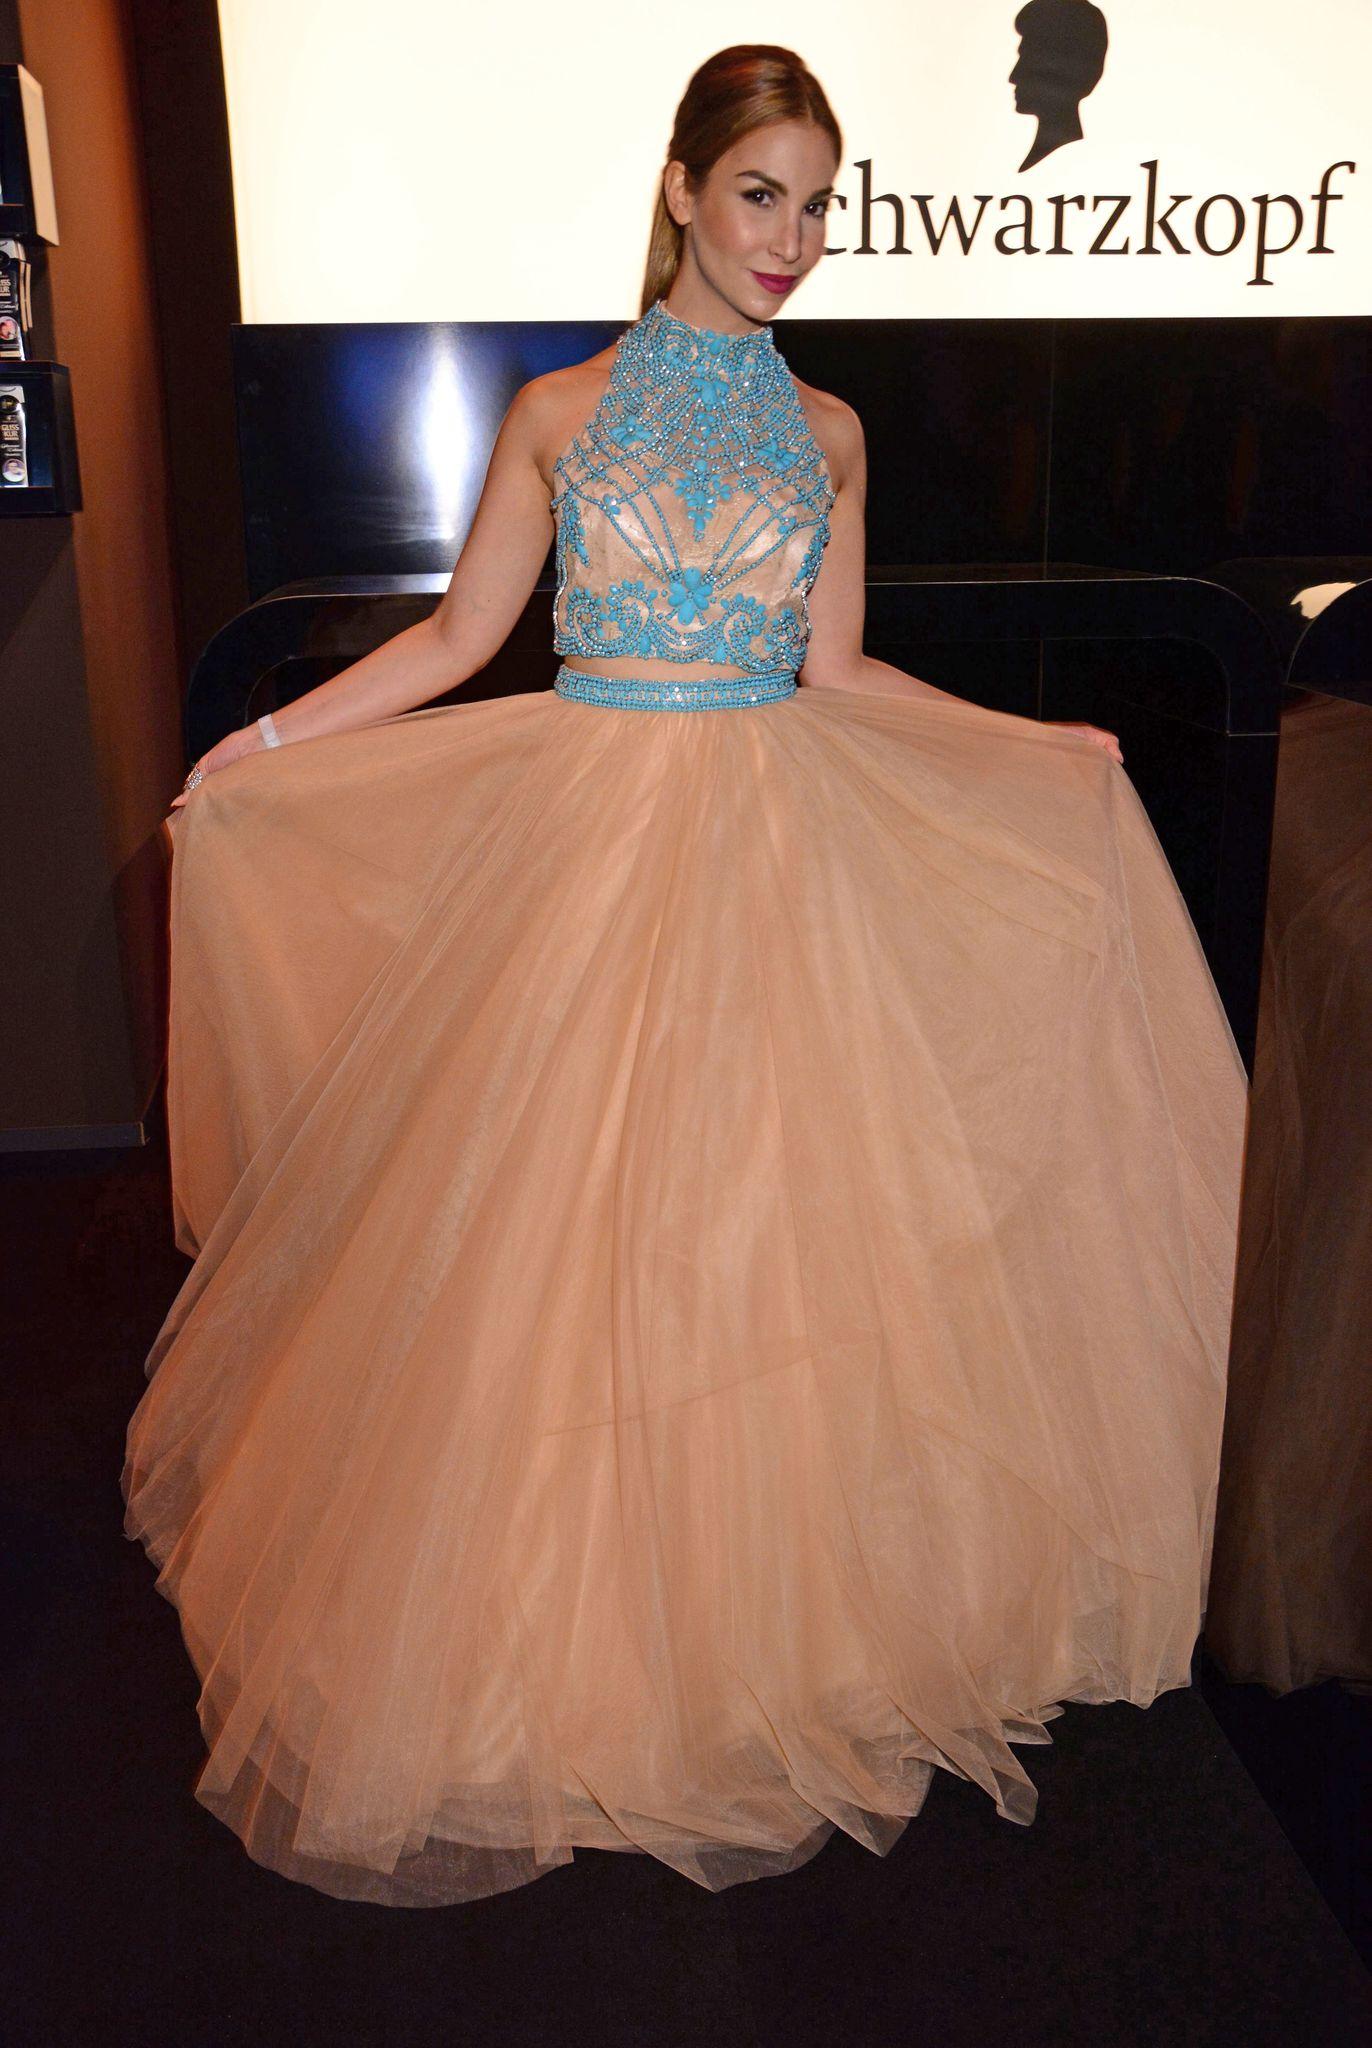 Ungewöhnlich Brautjungfer Kleid Vermietung Melbourne Zeitgenössisch ...